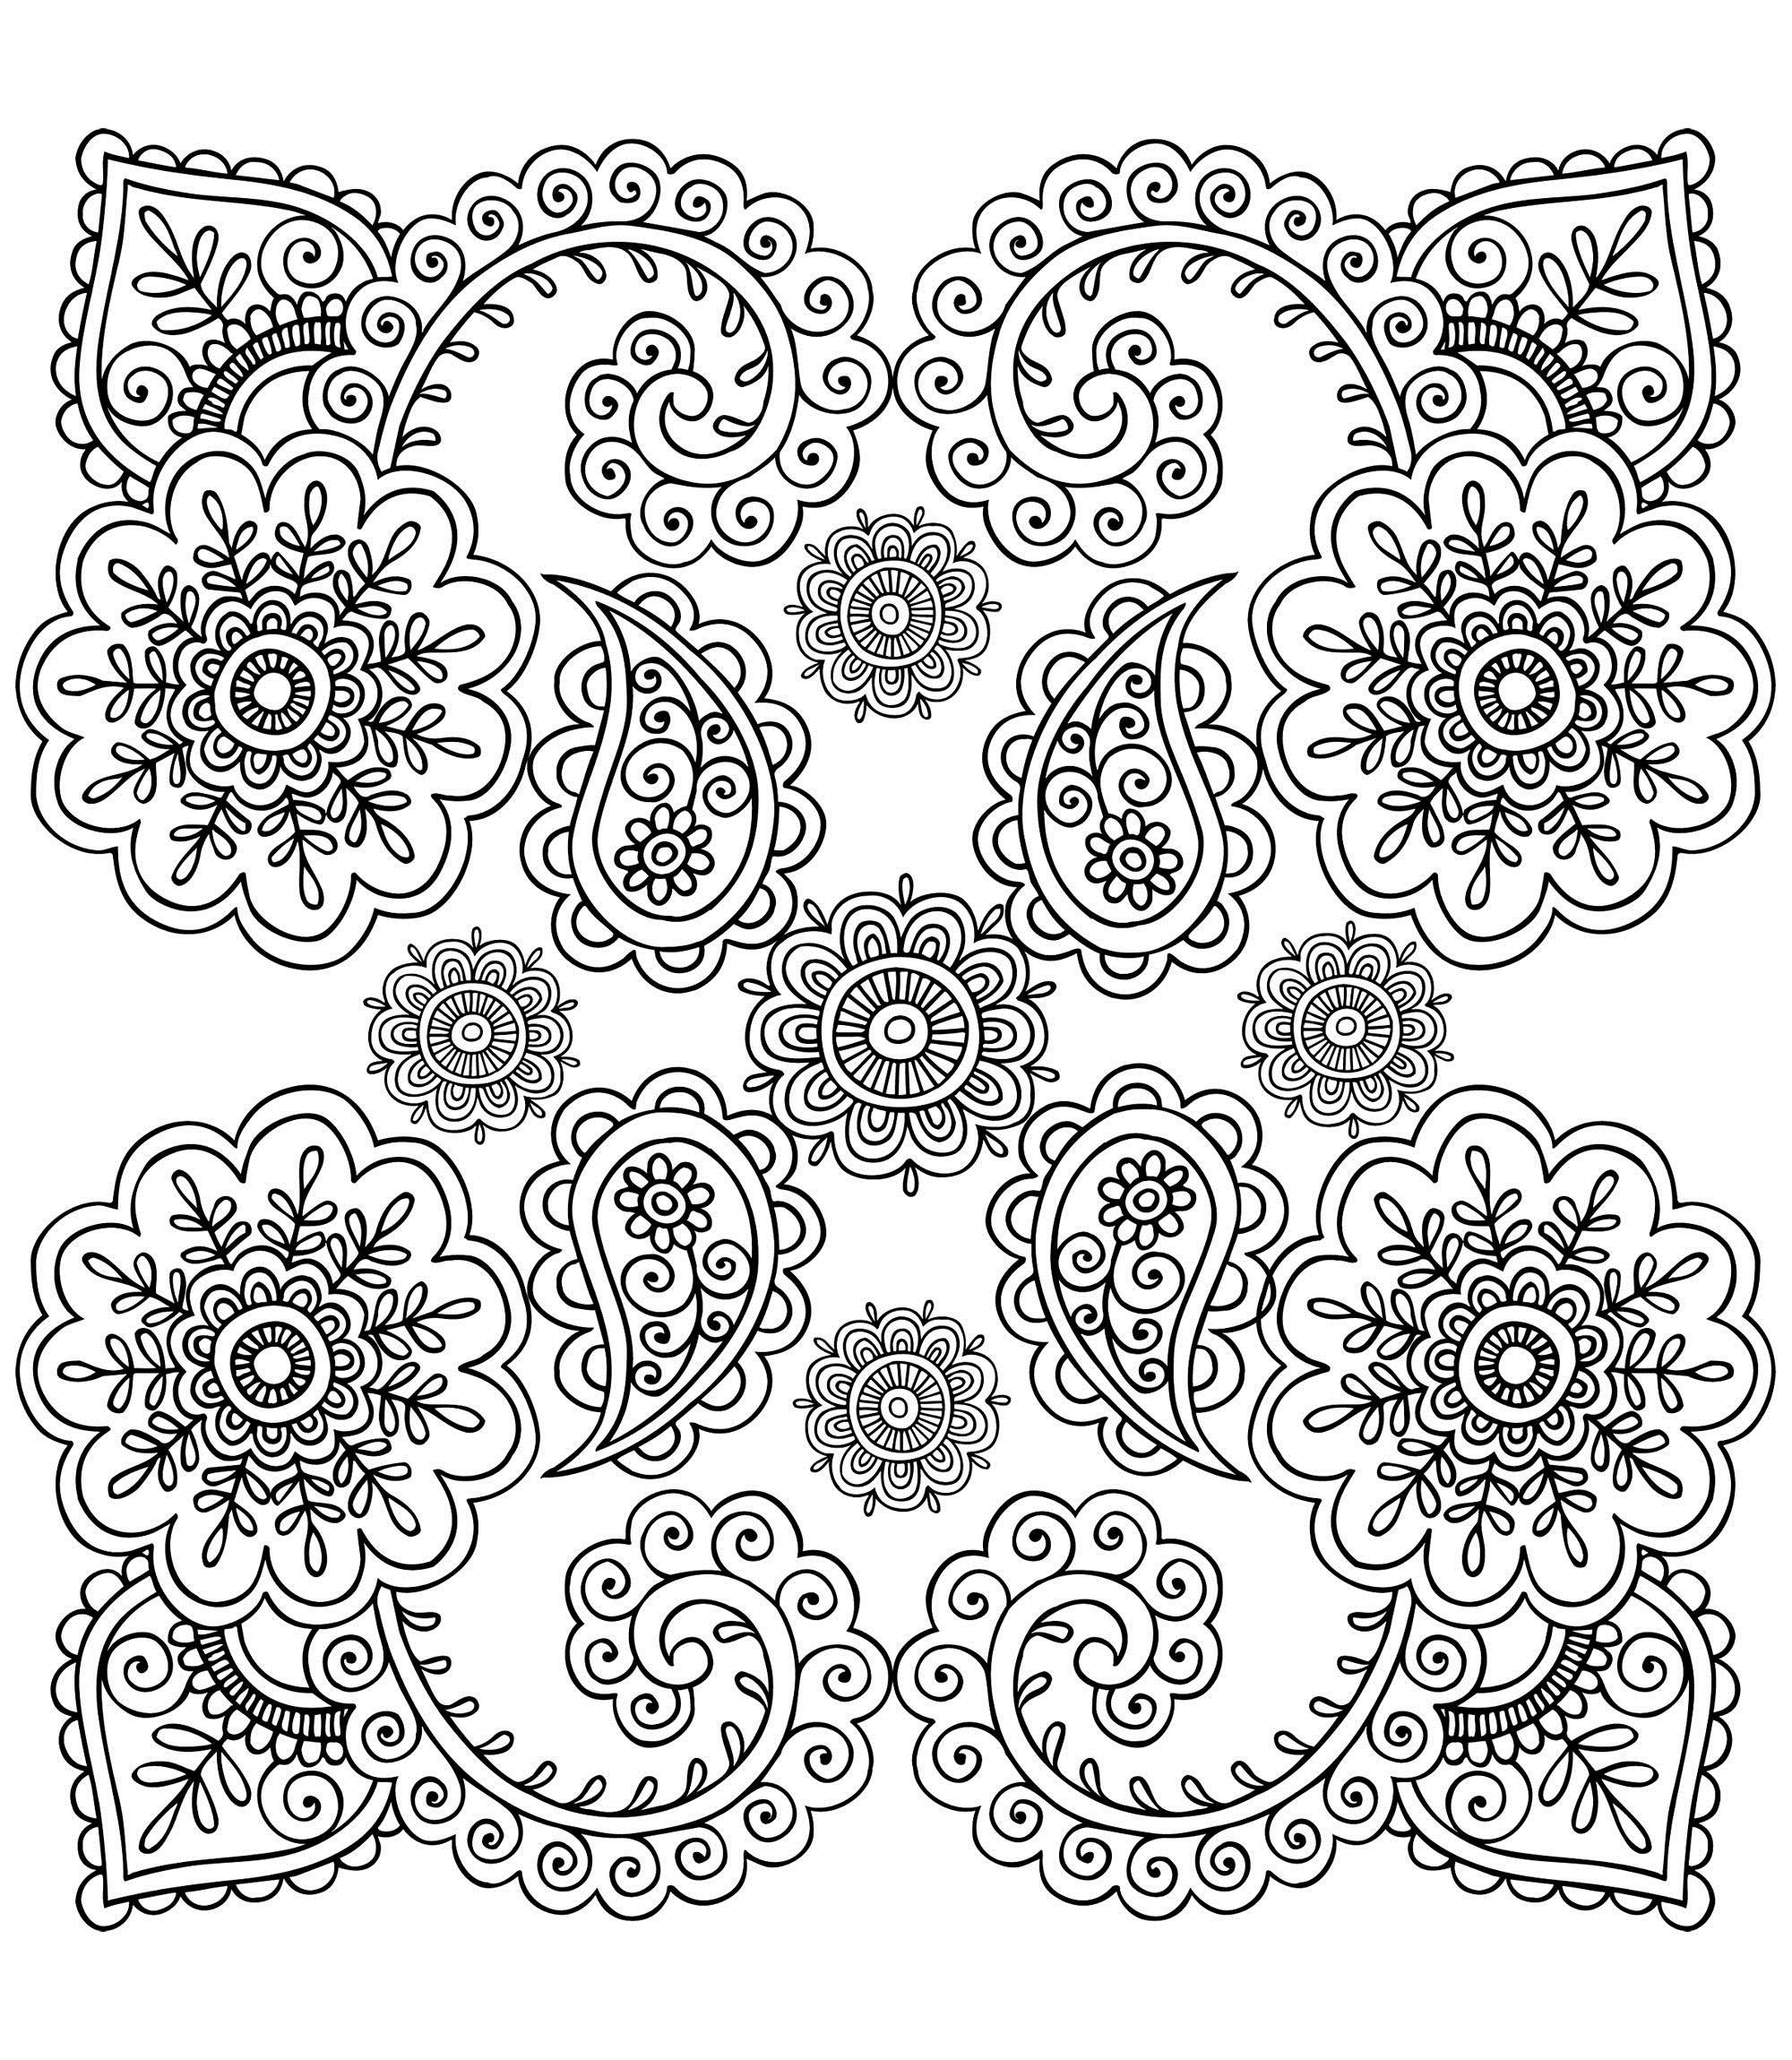 Скатерть с узорами Раскраски для медитации